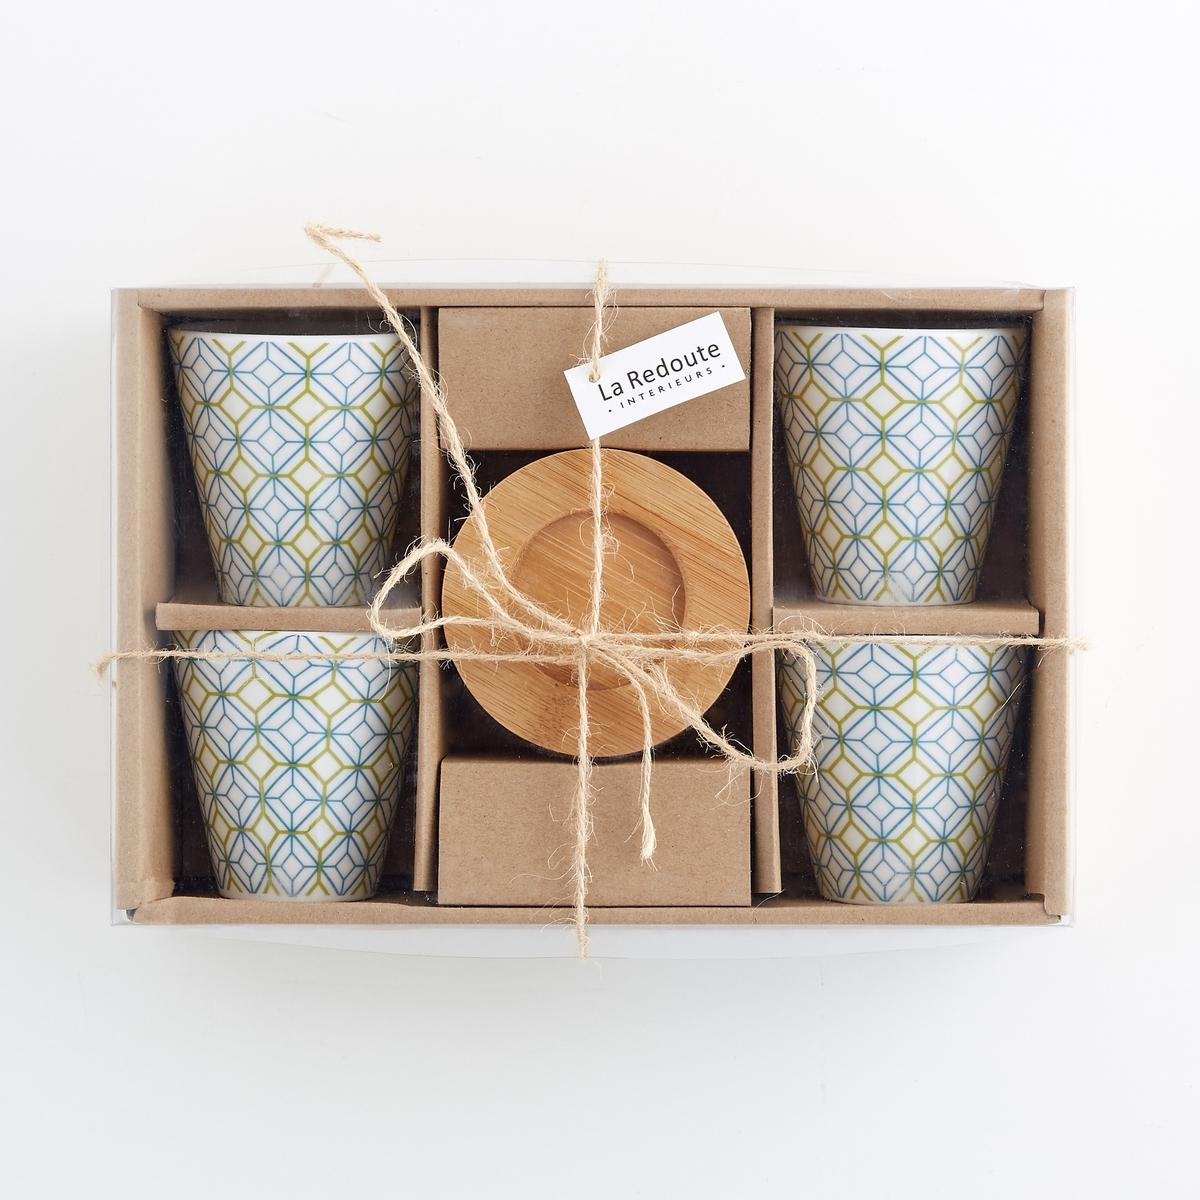 Чашки кофейные из фарфора, 4 шт. от La Redoute